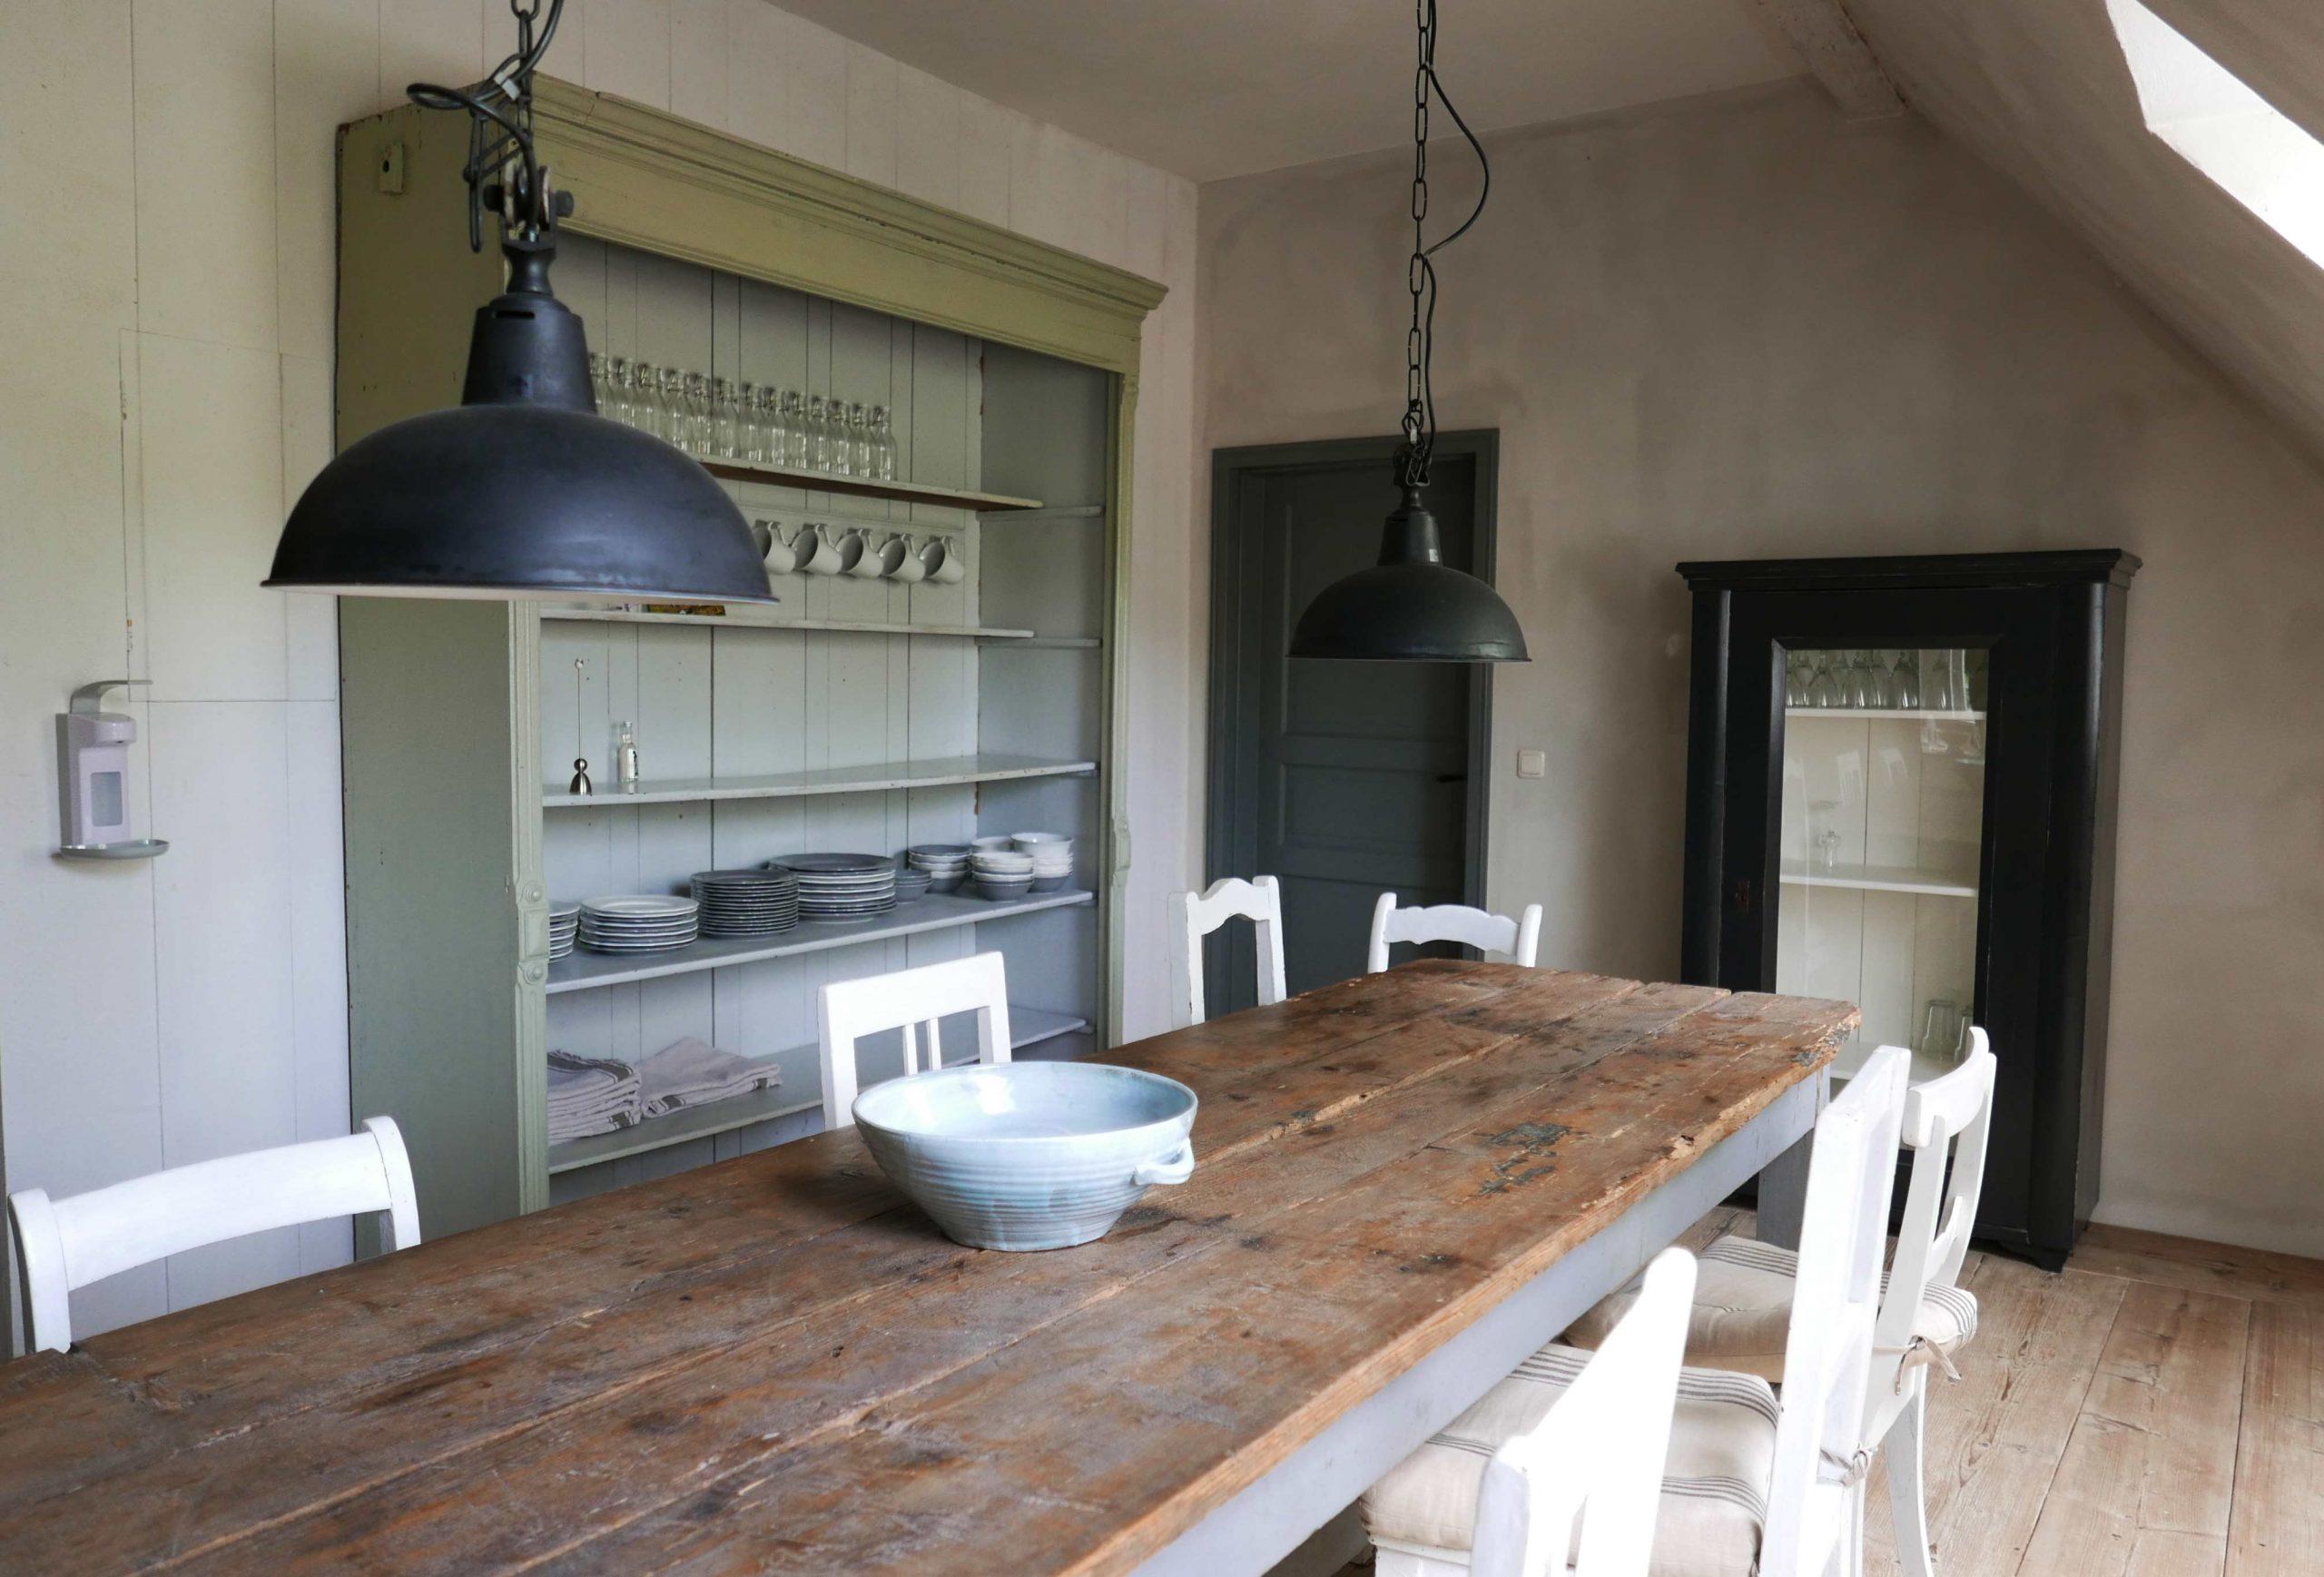 Elbeglück der gemeinsame Bereich mit einem langen Tisch und Regalen